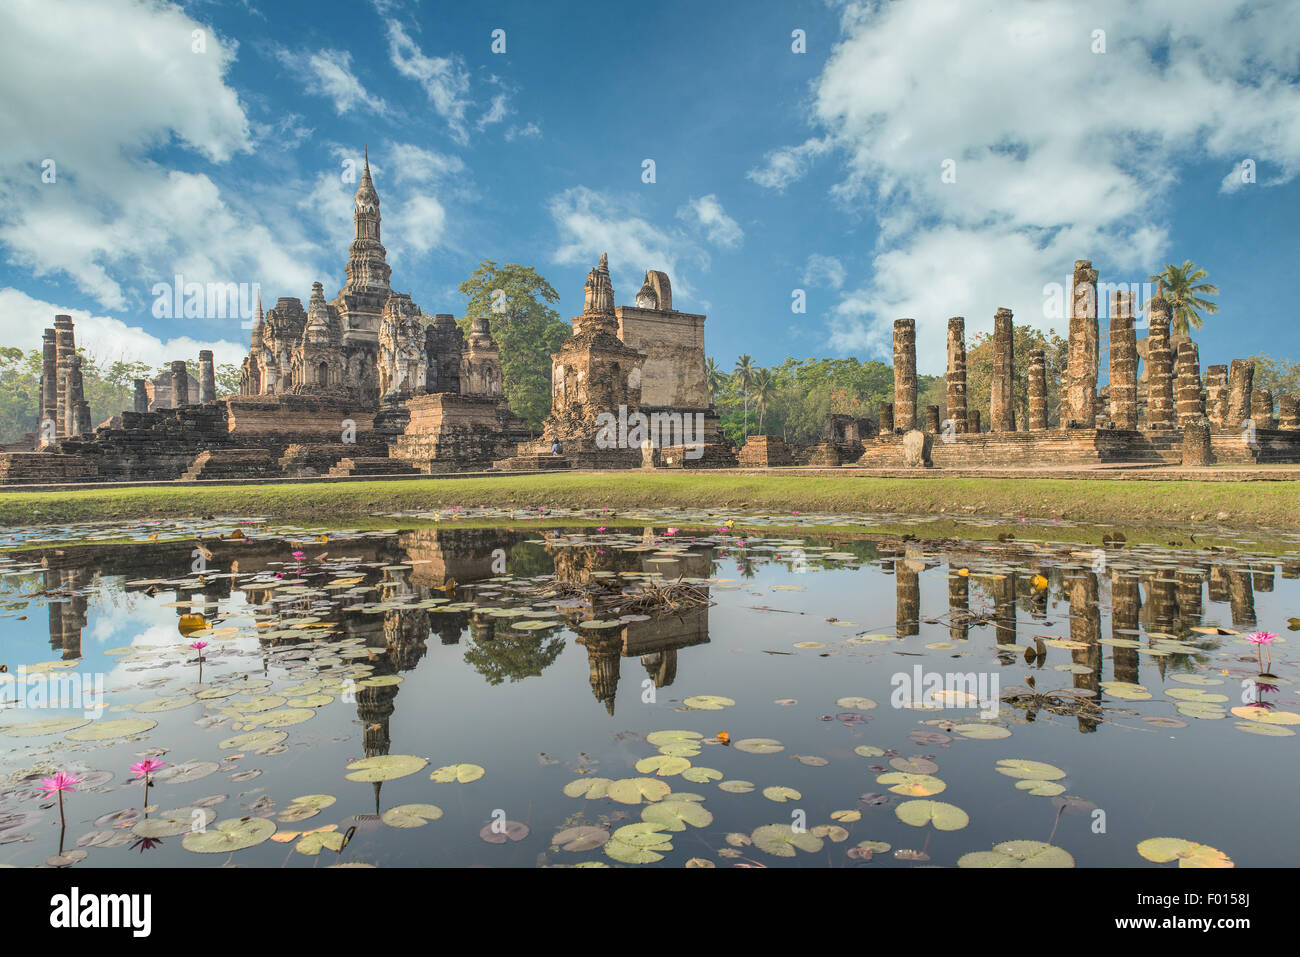 Statue de Bouddha du Wat Mahathat dans le parc historique de Sukhothai, Thaïlande Banque D'Images